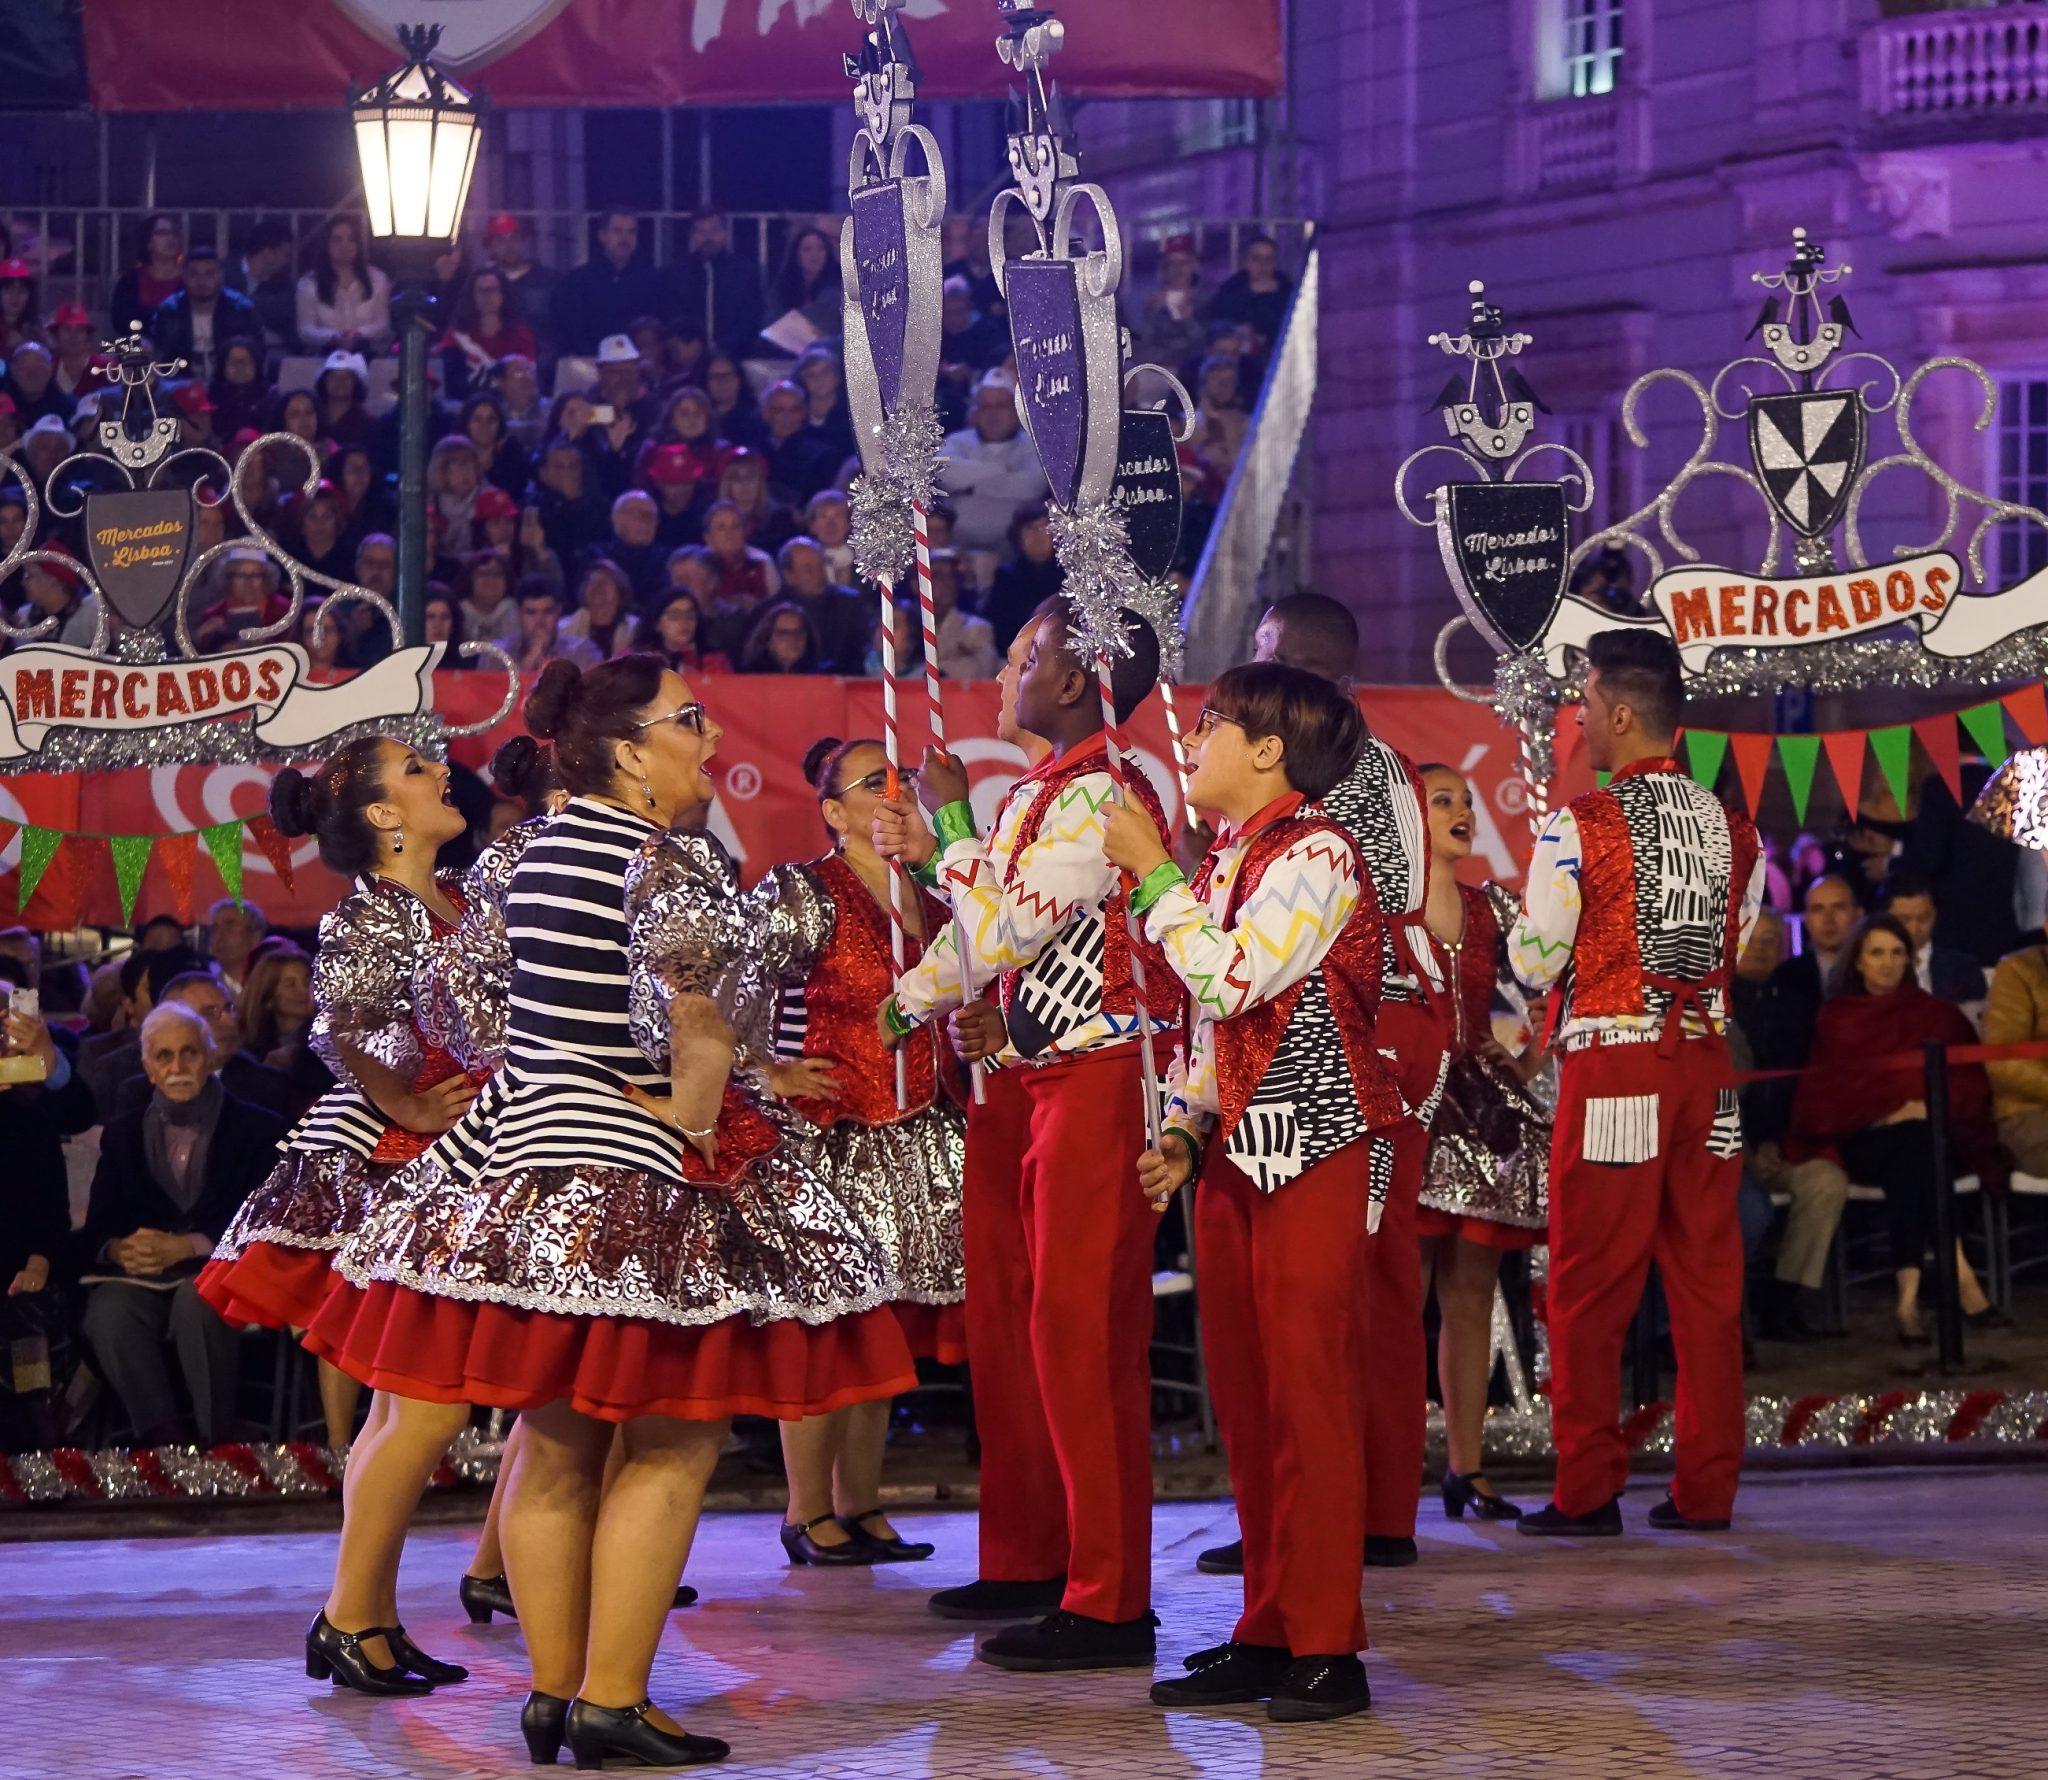 Mulheres e homens vestidos de vermelho, branco e preto, carregam os arcos e marcham na Avenida da Liberdade. Ao fundo, vêem-se bancadas com espetadores.